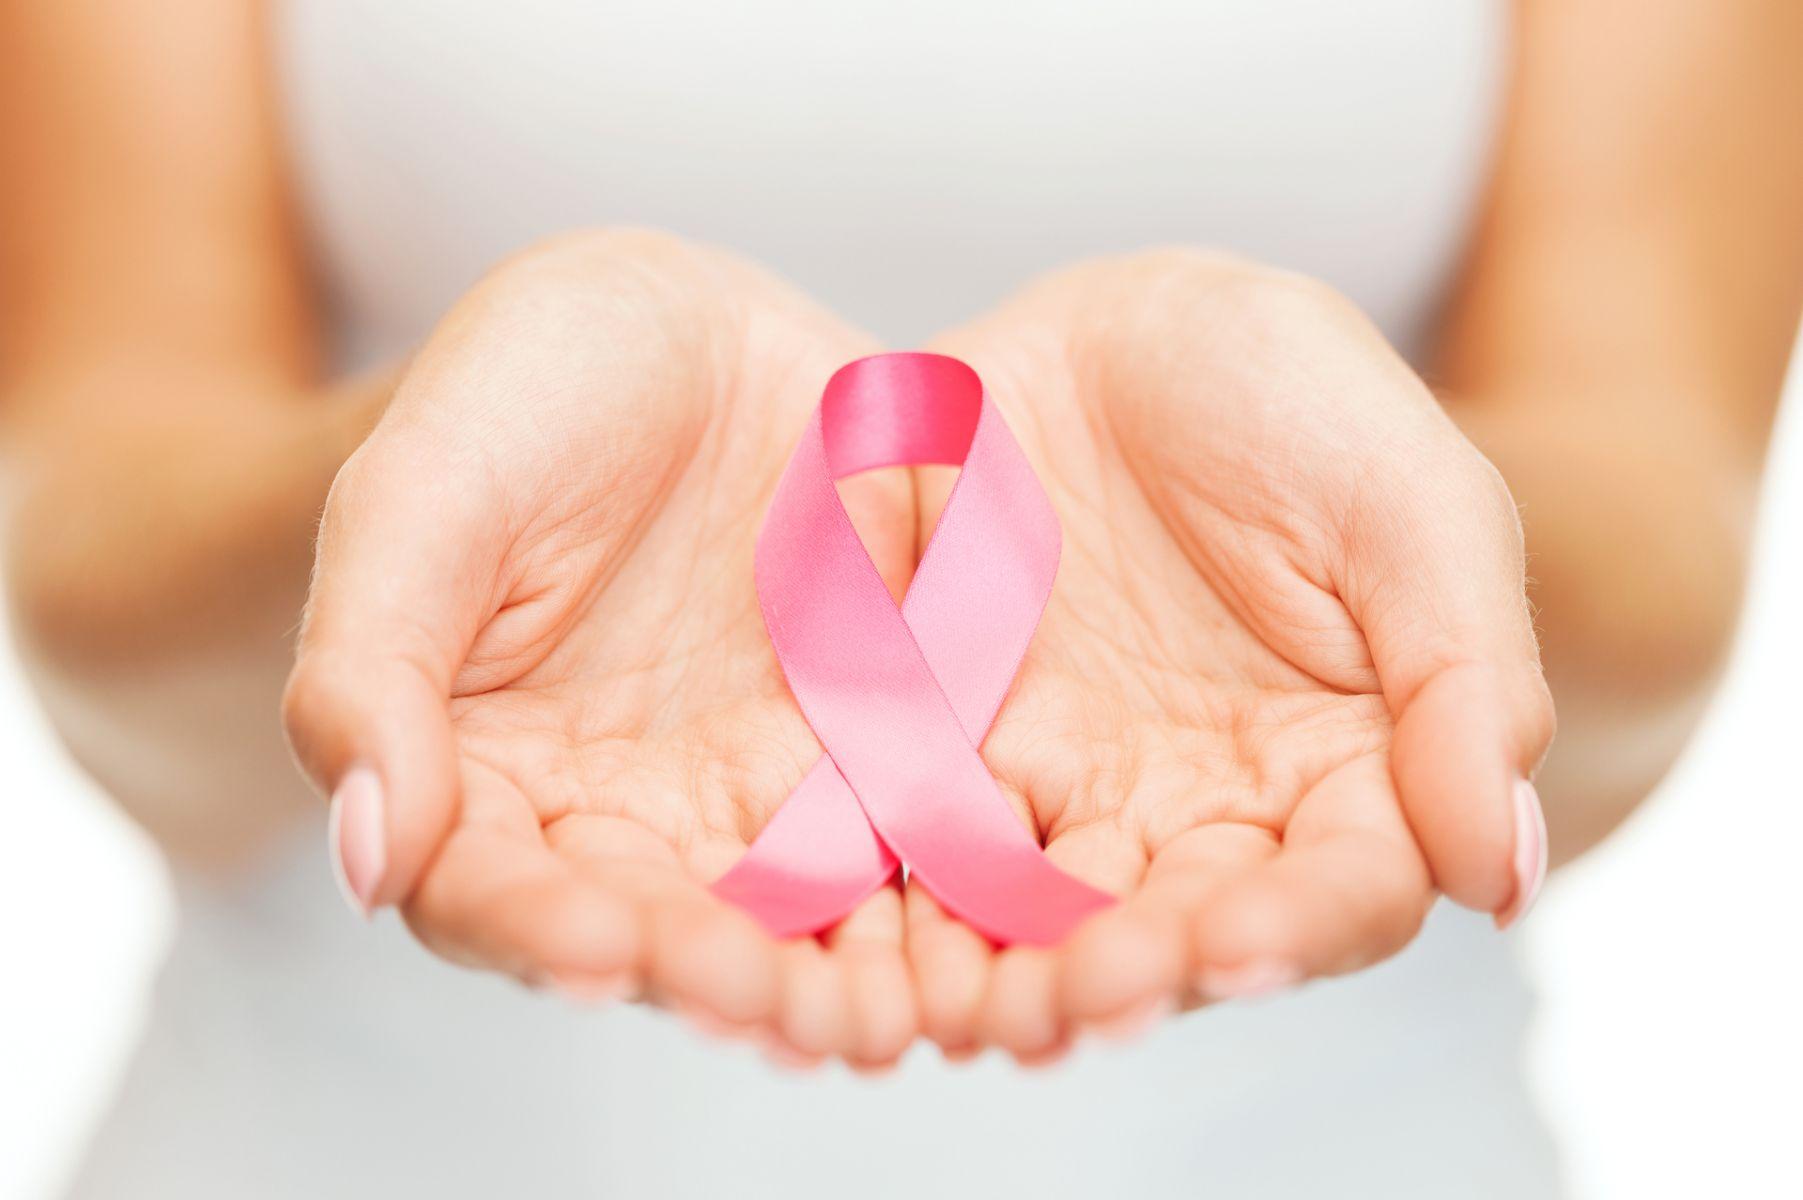 罹患兩次乳癌、全身轉移...她靠日本免疫療法成功抗癌!